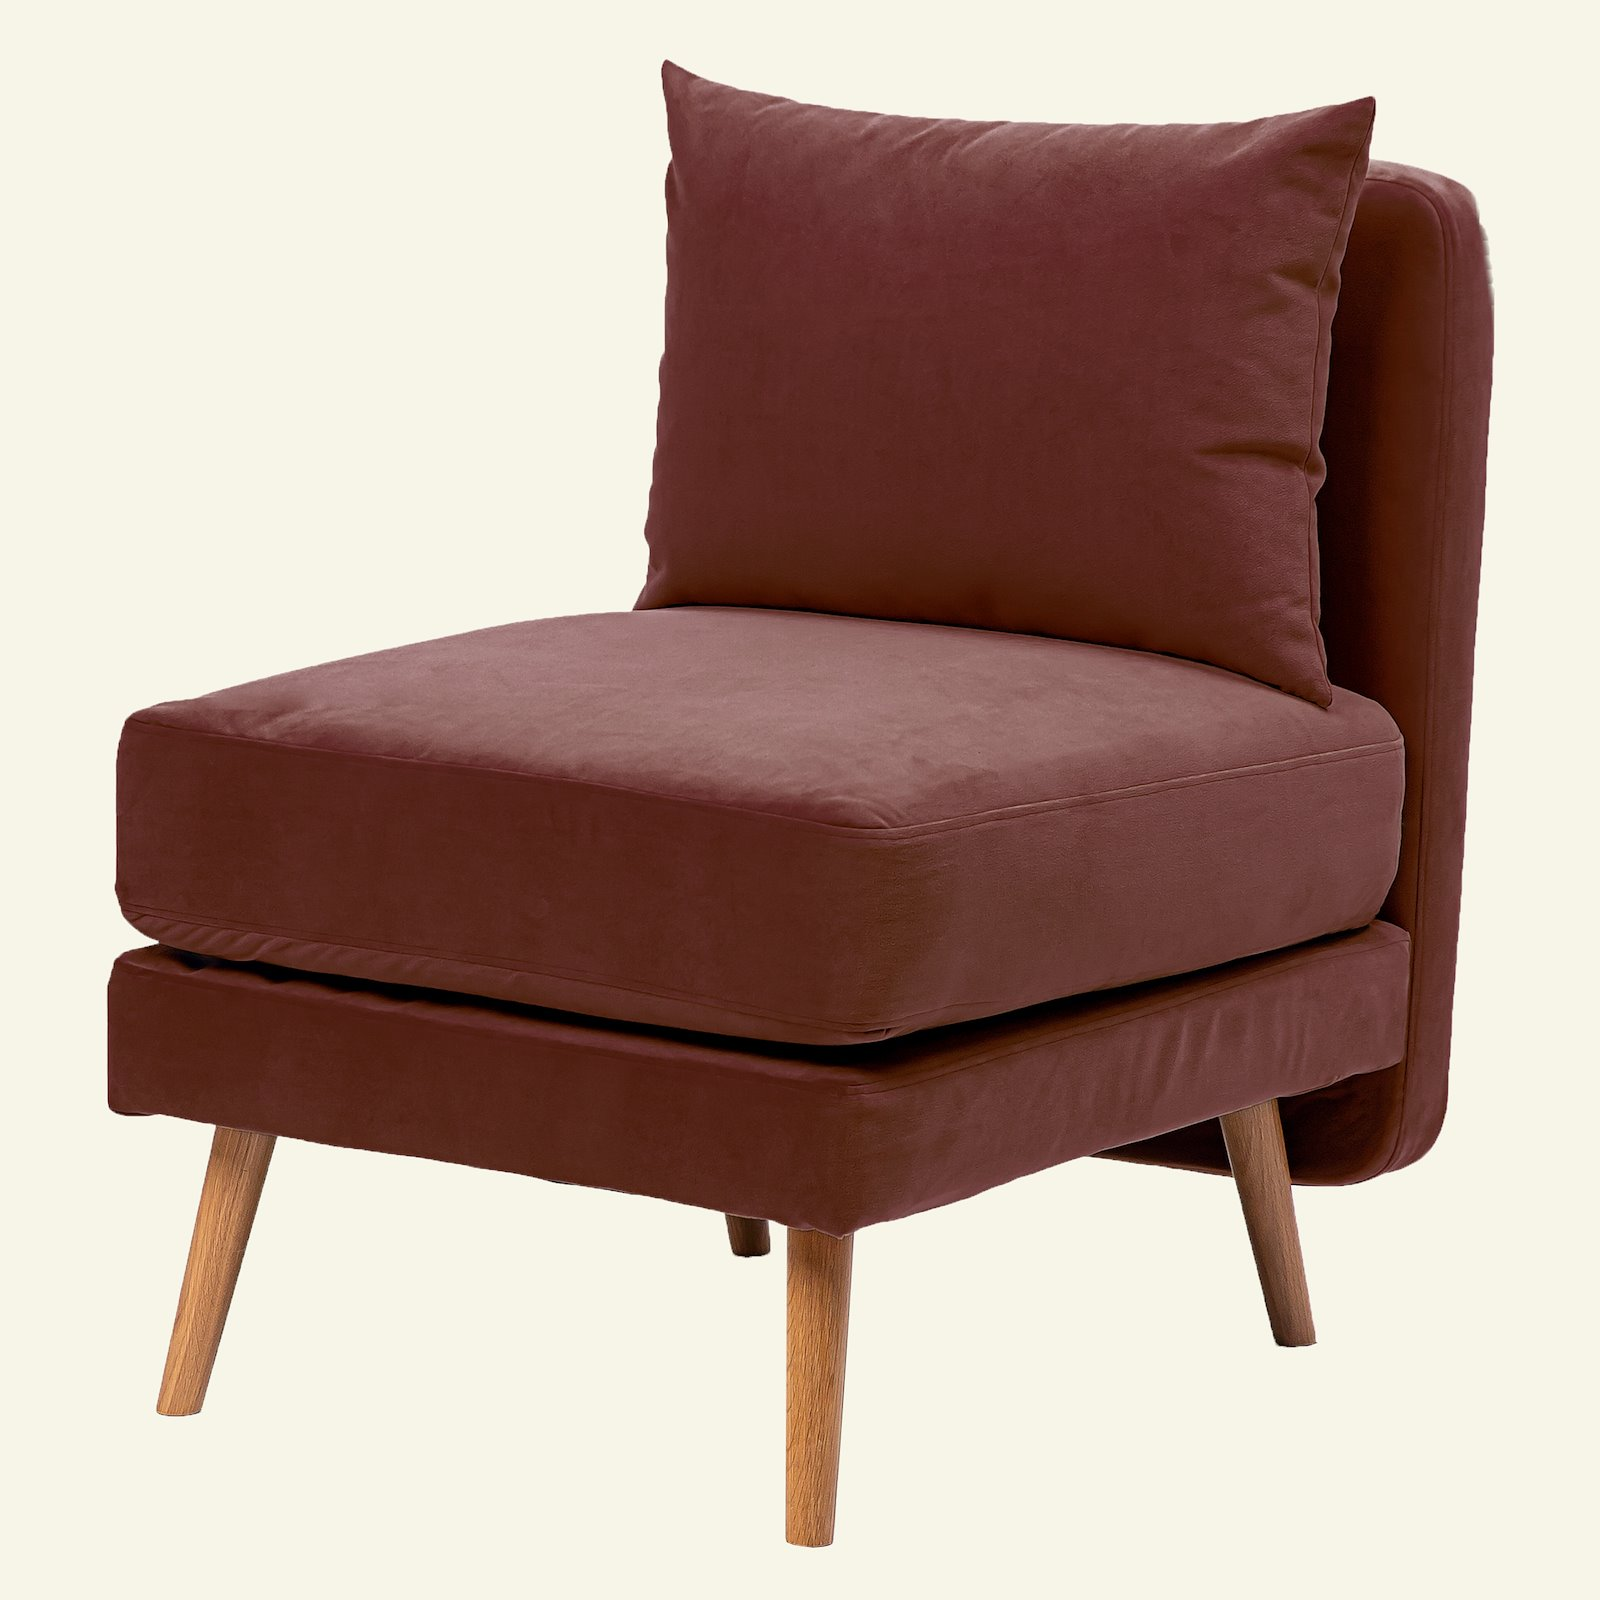 Upholstery shiny velvet rouge 823695_sskit